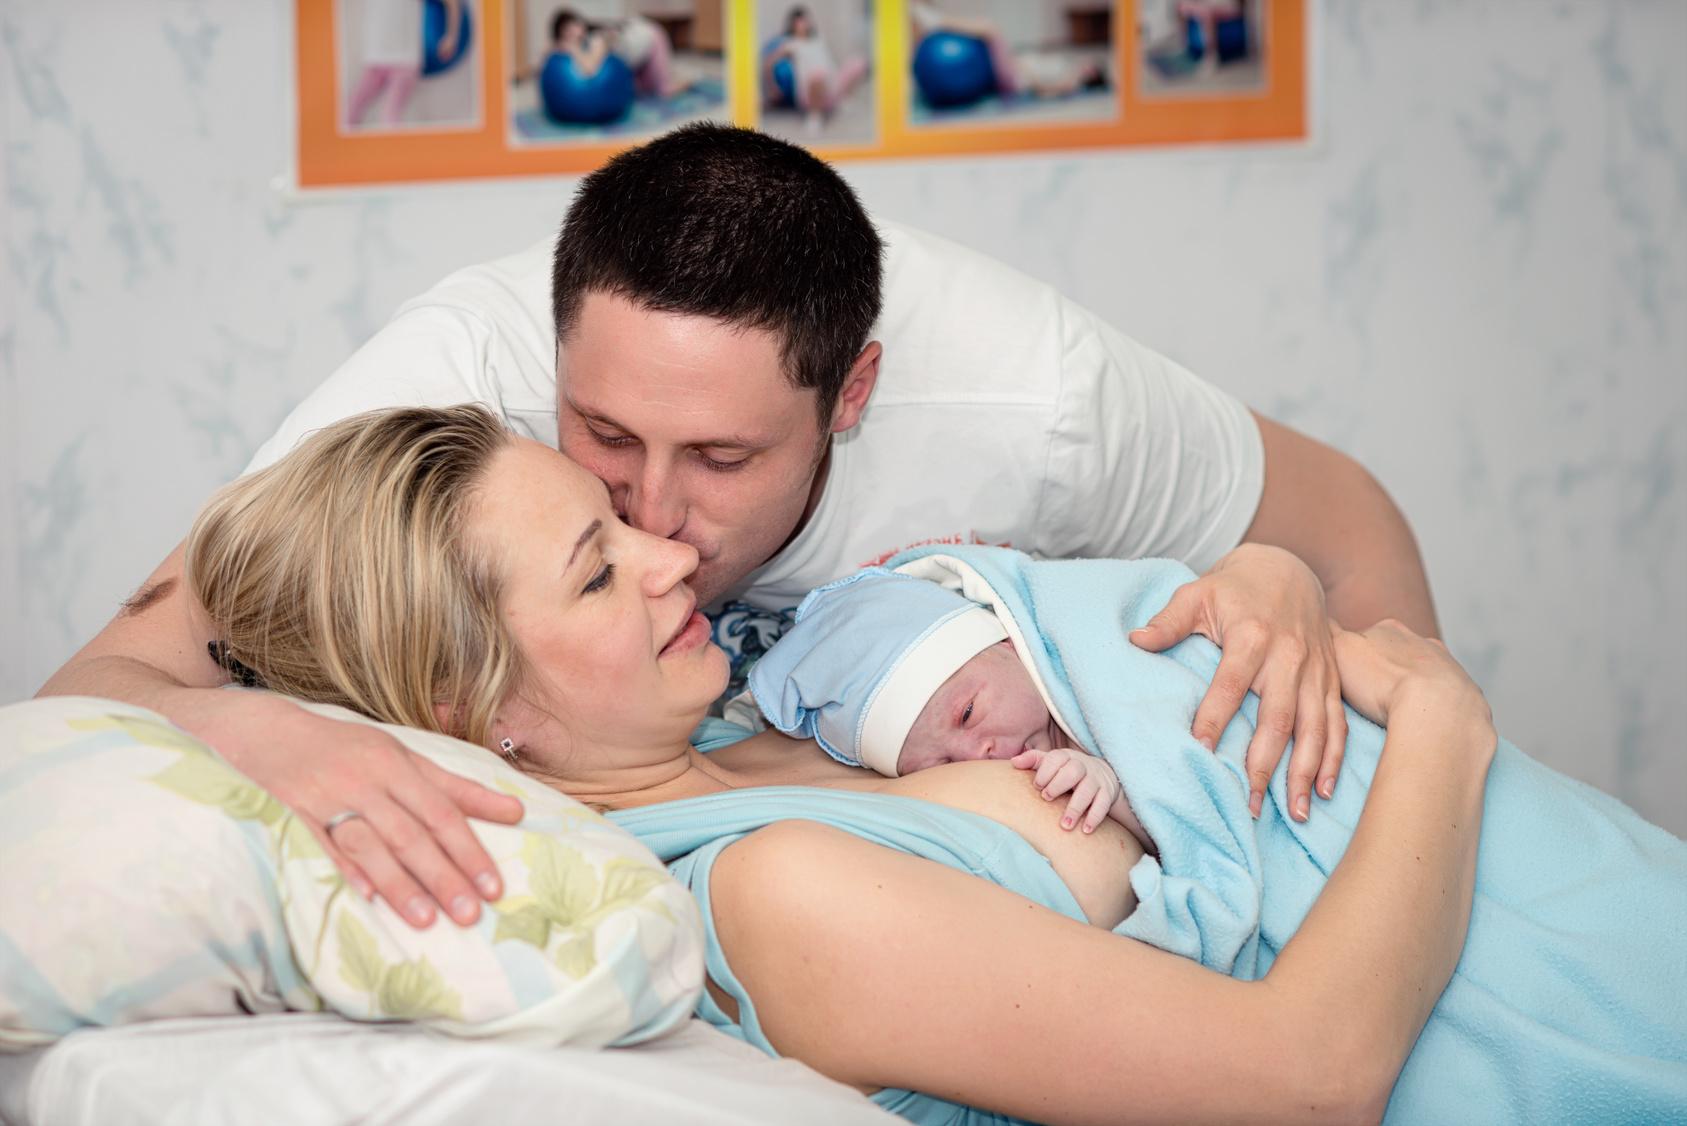 Поздние роды, чего следует опасаться, забеременев после 35 лет